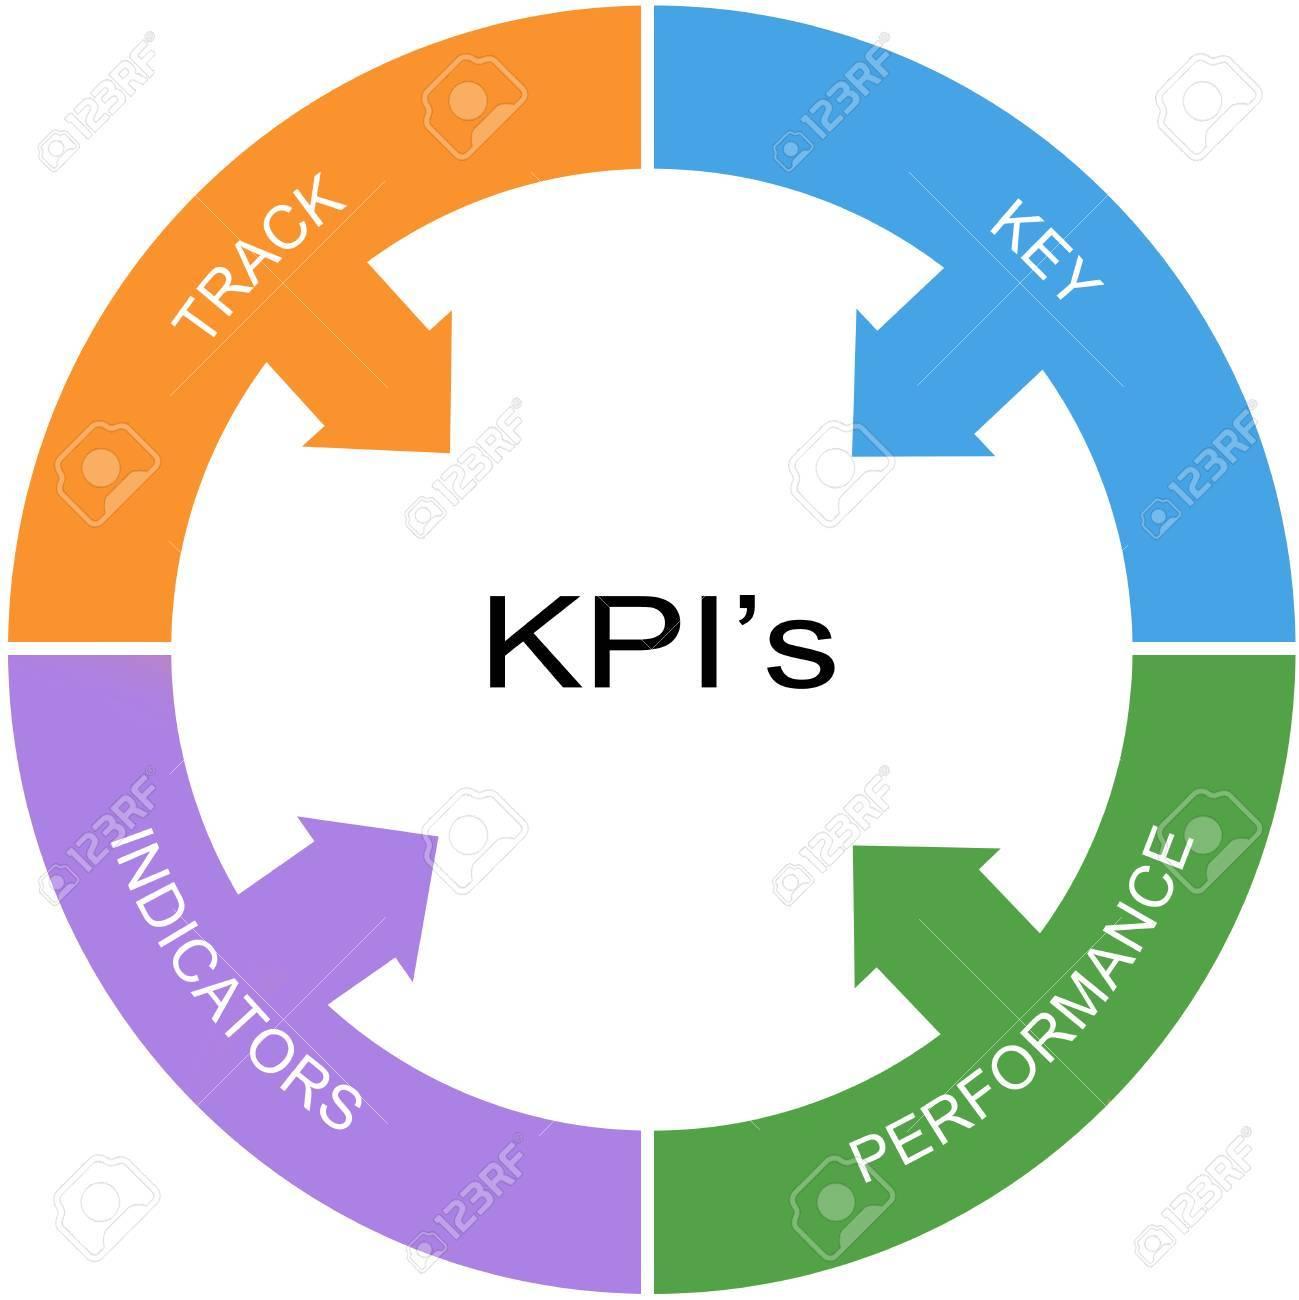 Palabra Concepto Círculo De KPI Con Grandes Términos Como ...